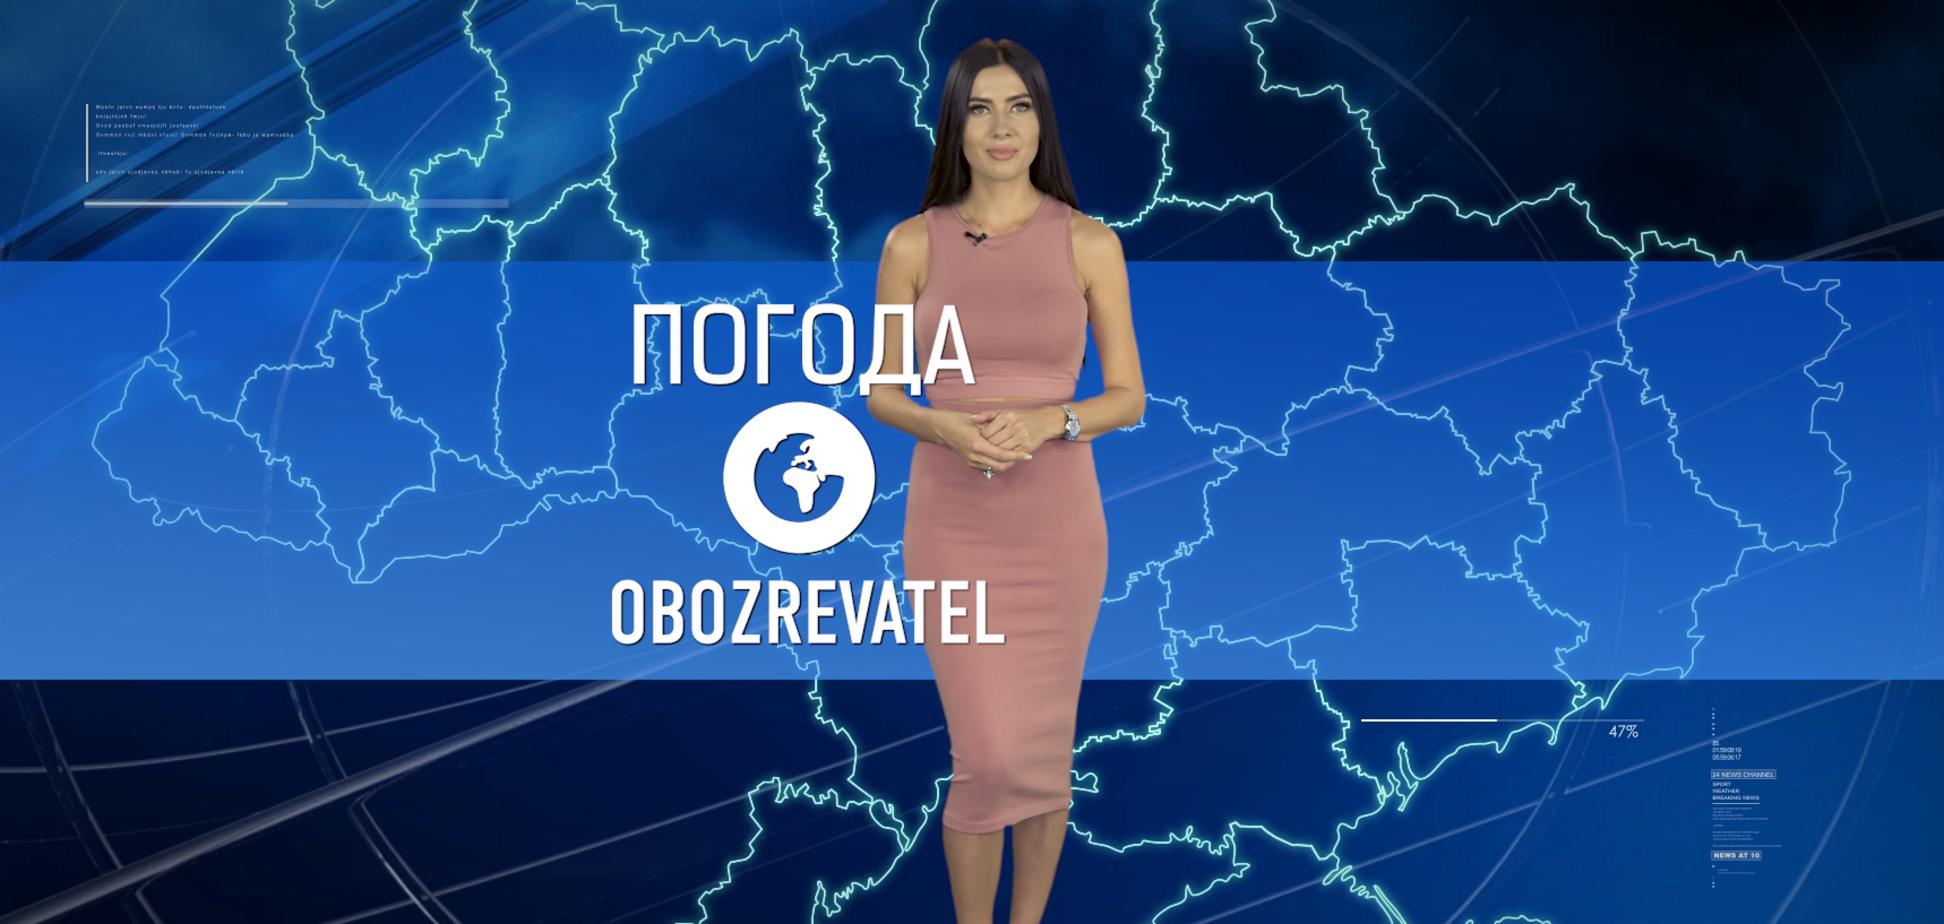 Осенние дожди - прогноз погоды в Украине на вторник, 21 сентября, с Алисой Мярковской